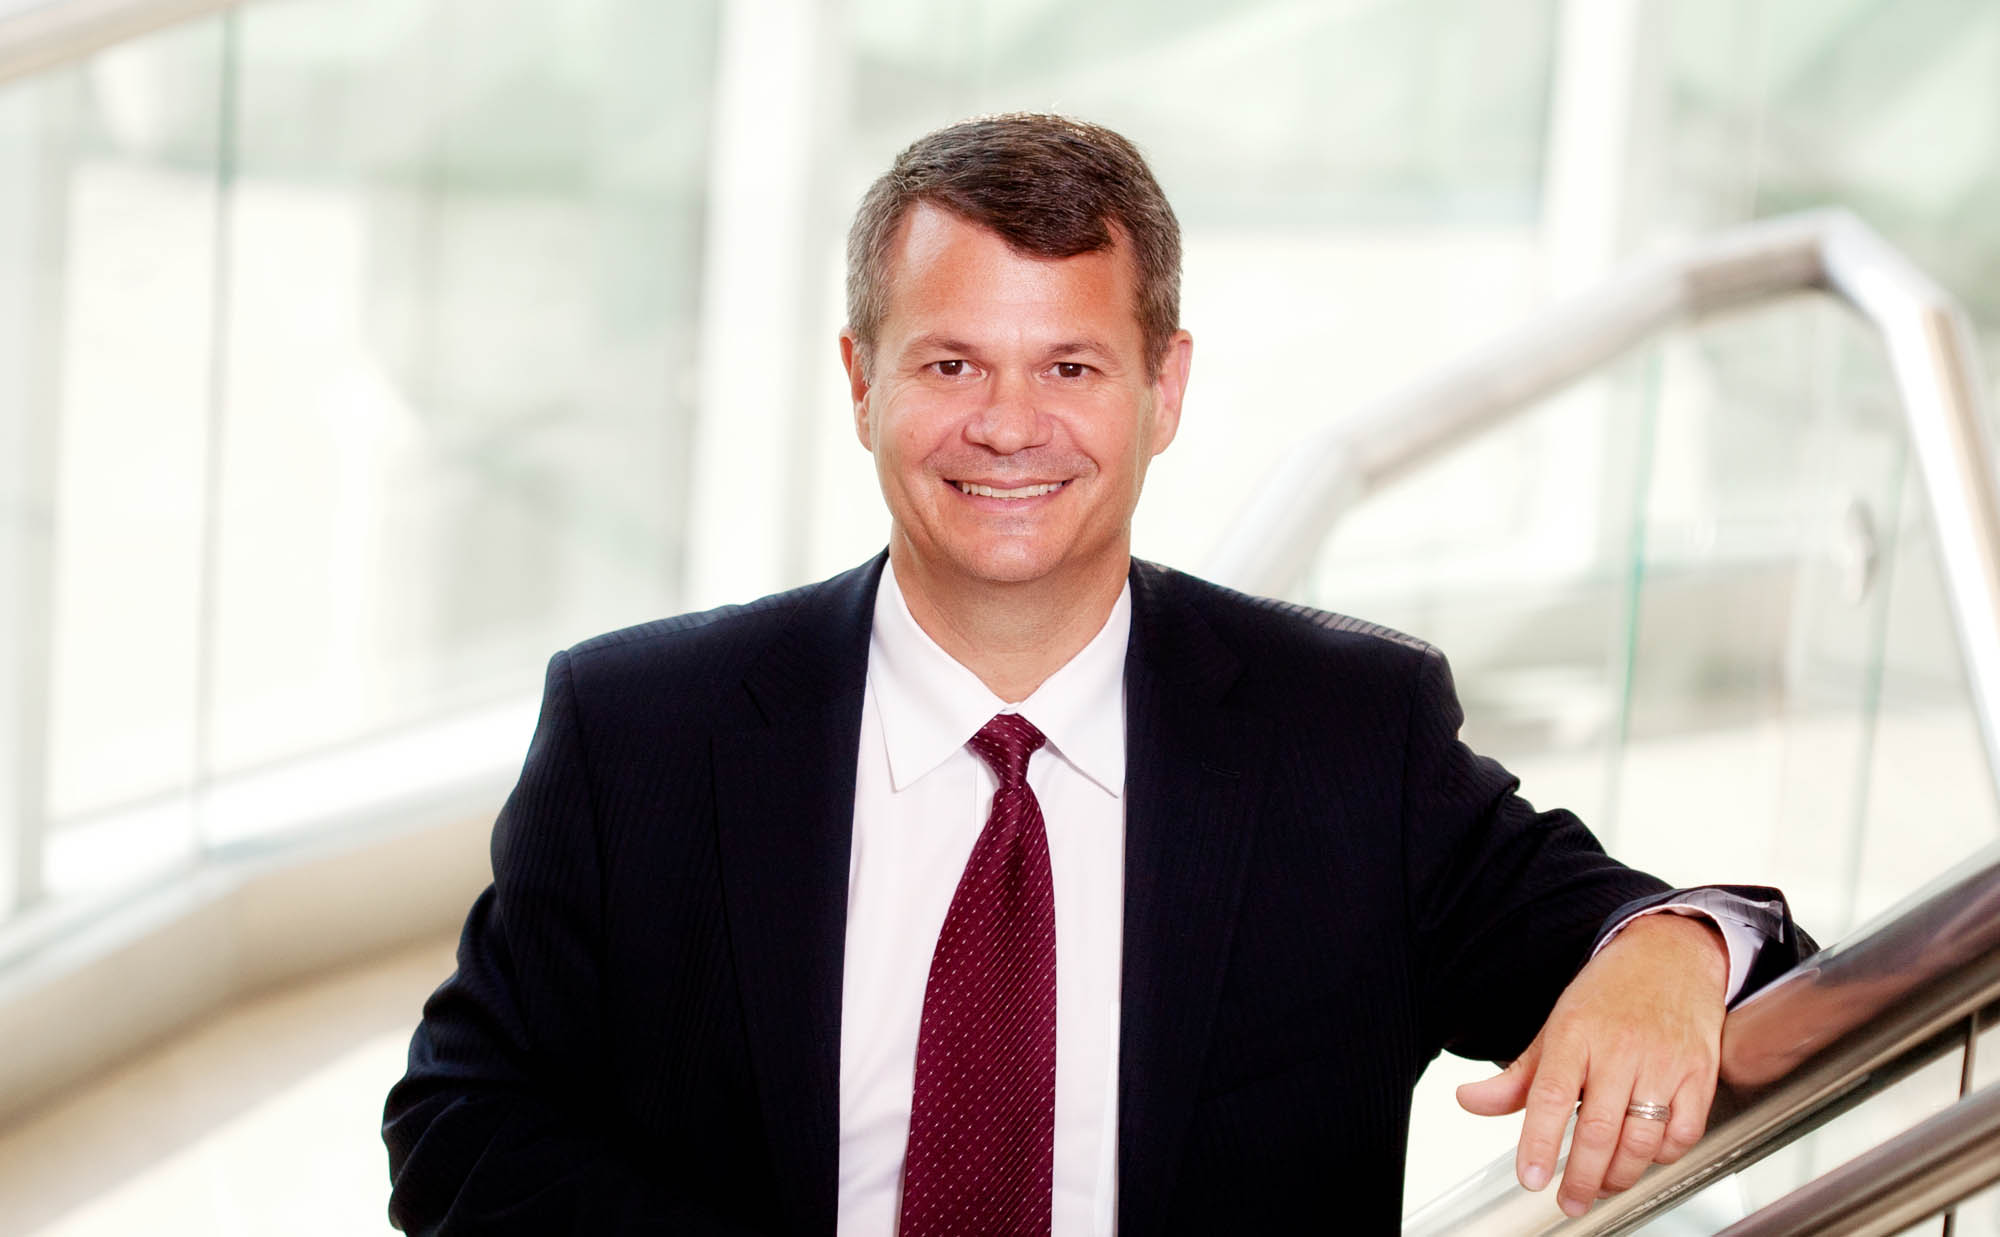 Dr. John Langell, NEOMED's seventh president